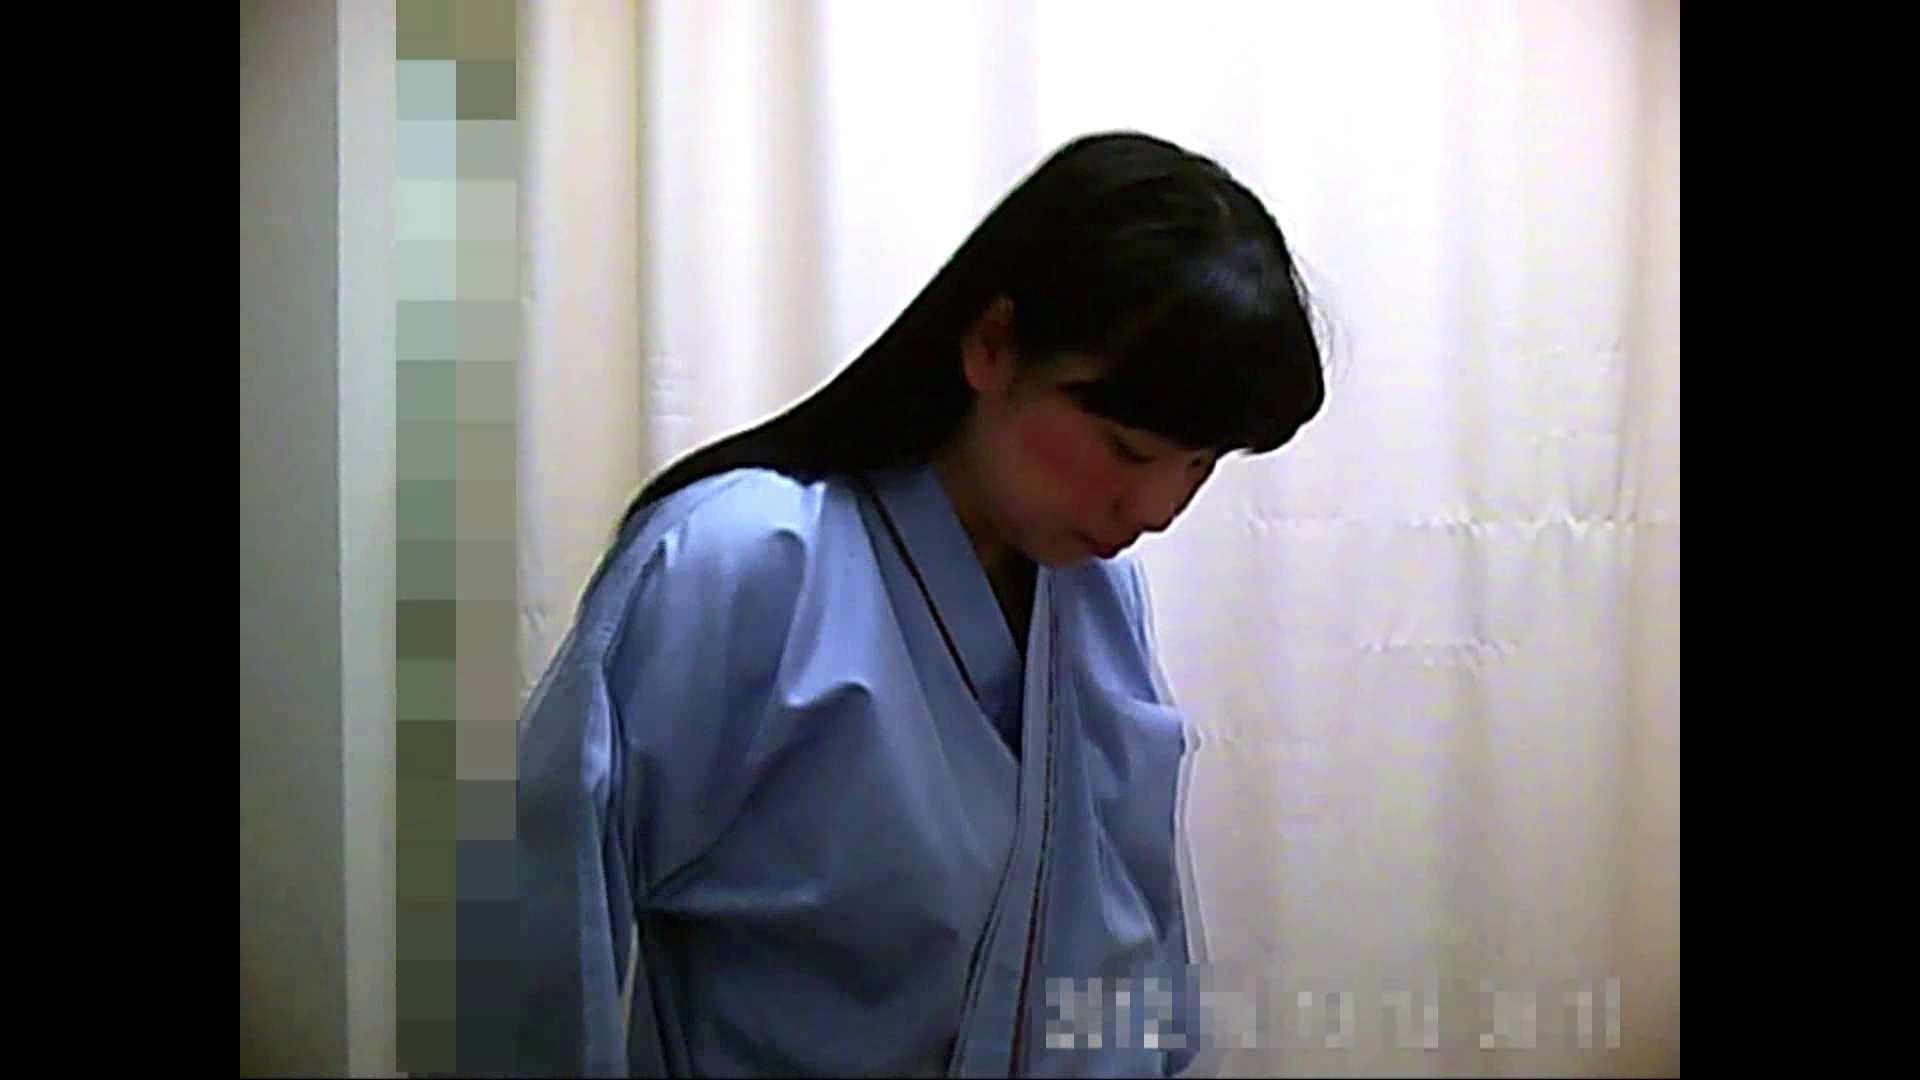 元医者による反抗 更衣室地獄絵巻 vol.059 OLハメ撮り  95Pix 41